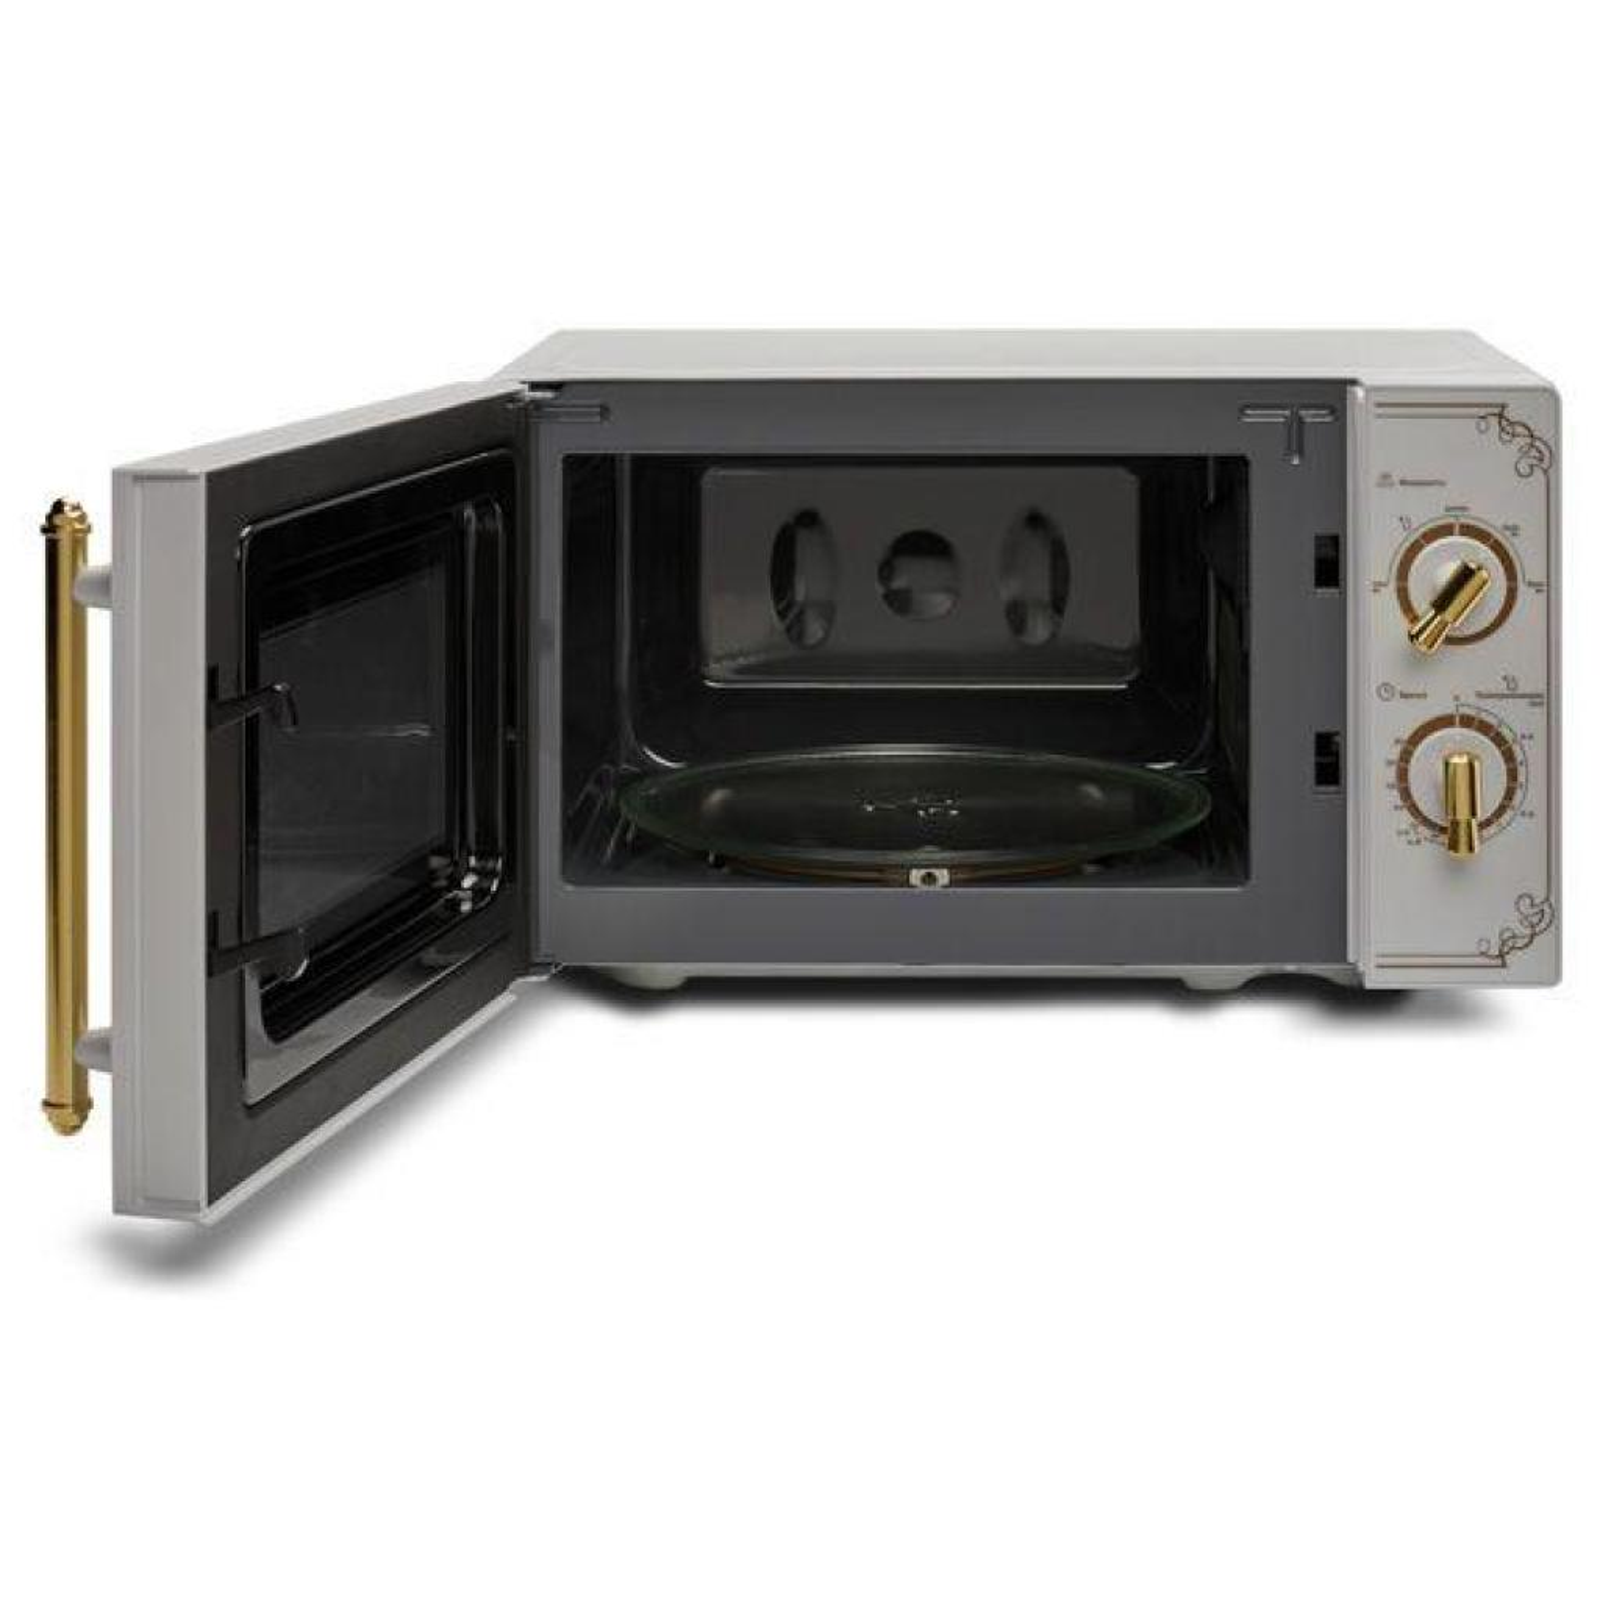 Микроволновая печь Midea MM820CJ7-W3 изображение 5